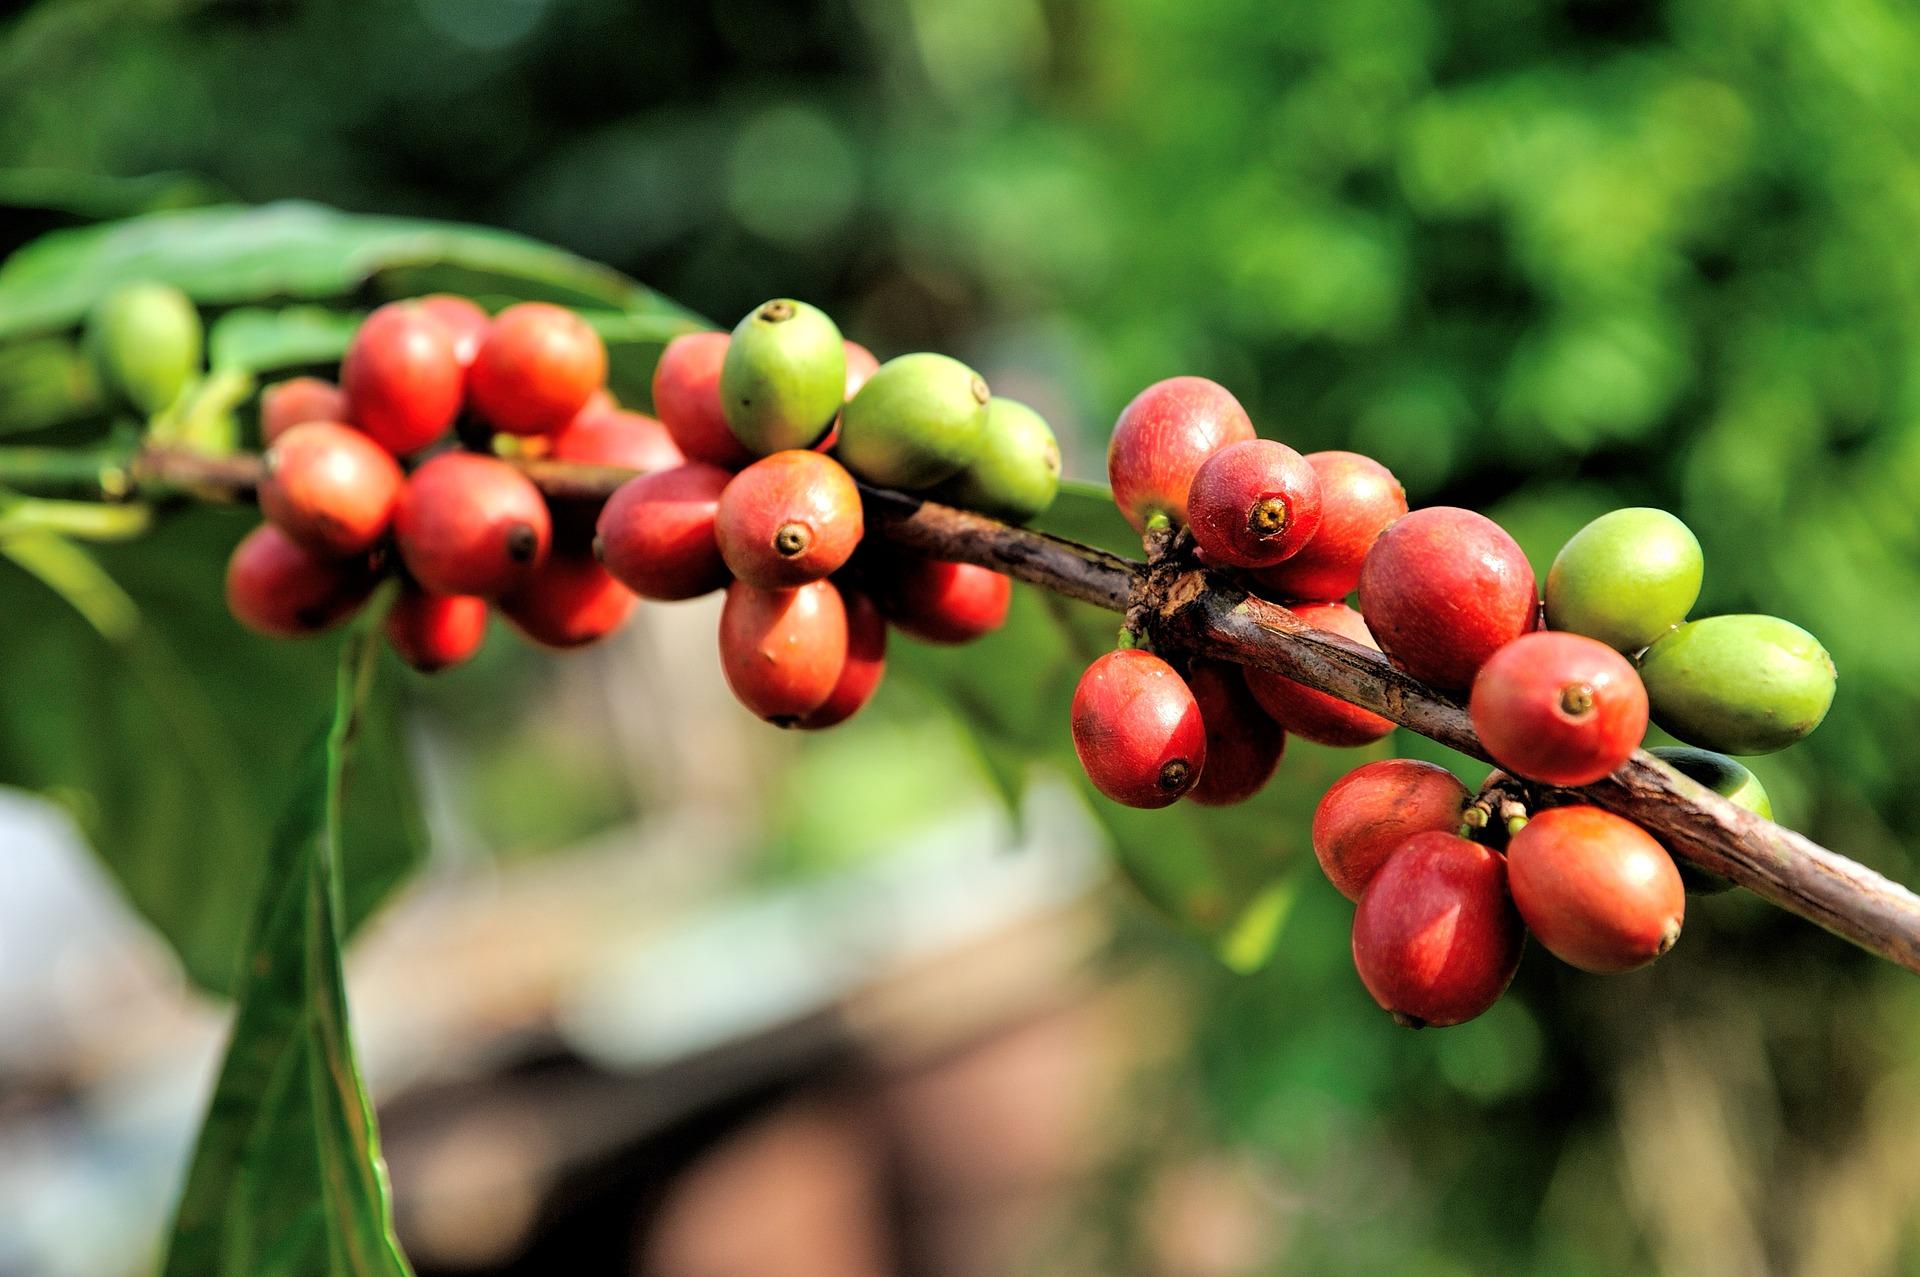 Plody kávovníku tvoří červené boby / zdroj: pixabay.com